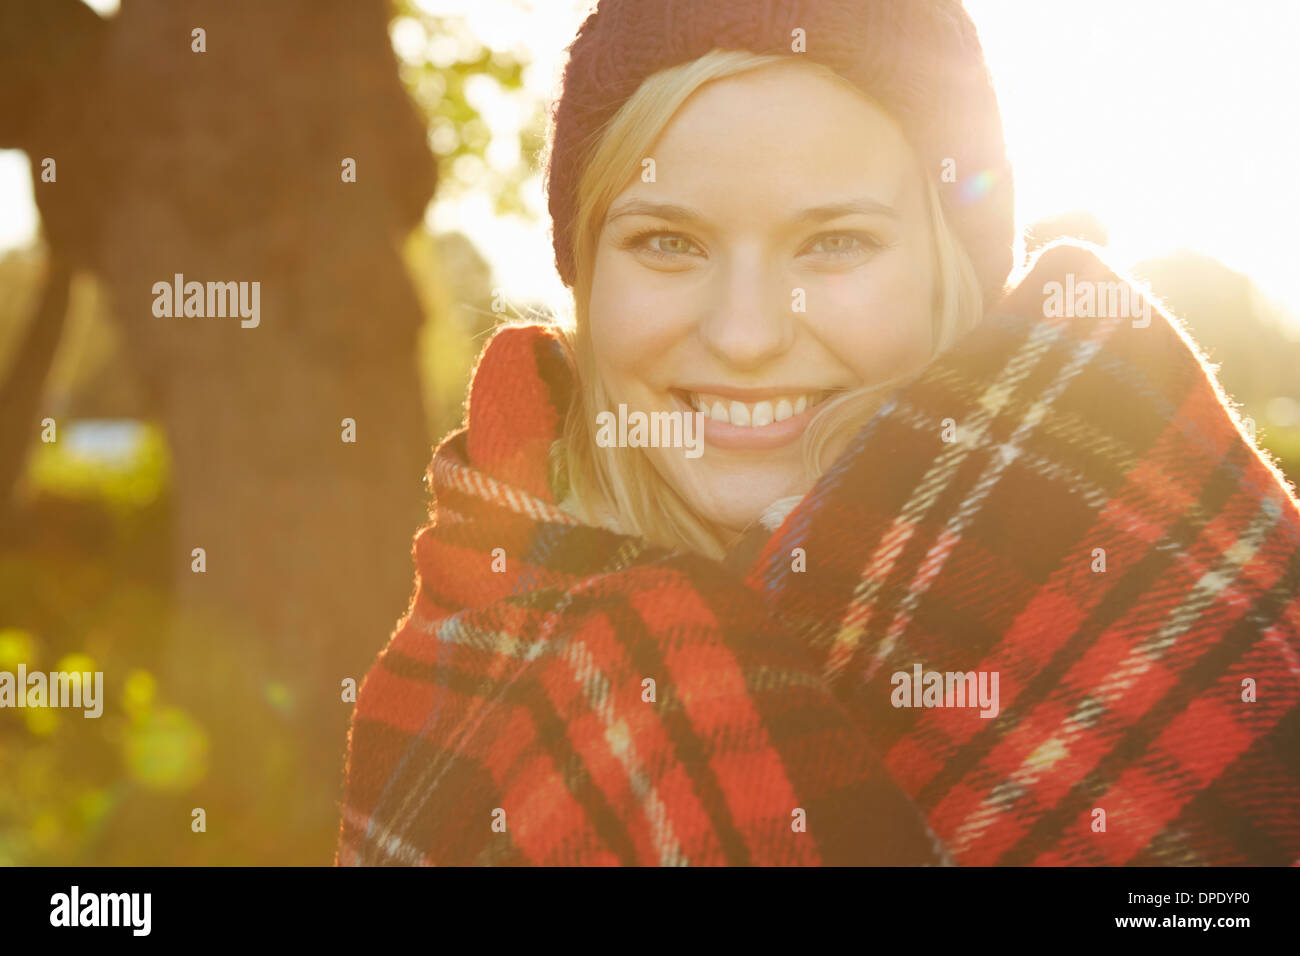 Portrait of young woman in park, tartan couverture de pique-nique autour des épaules Photo Stock